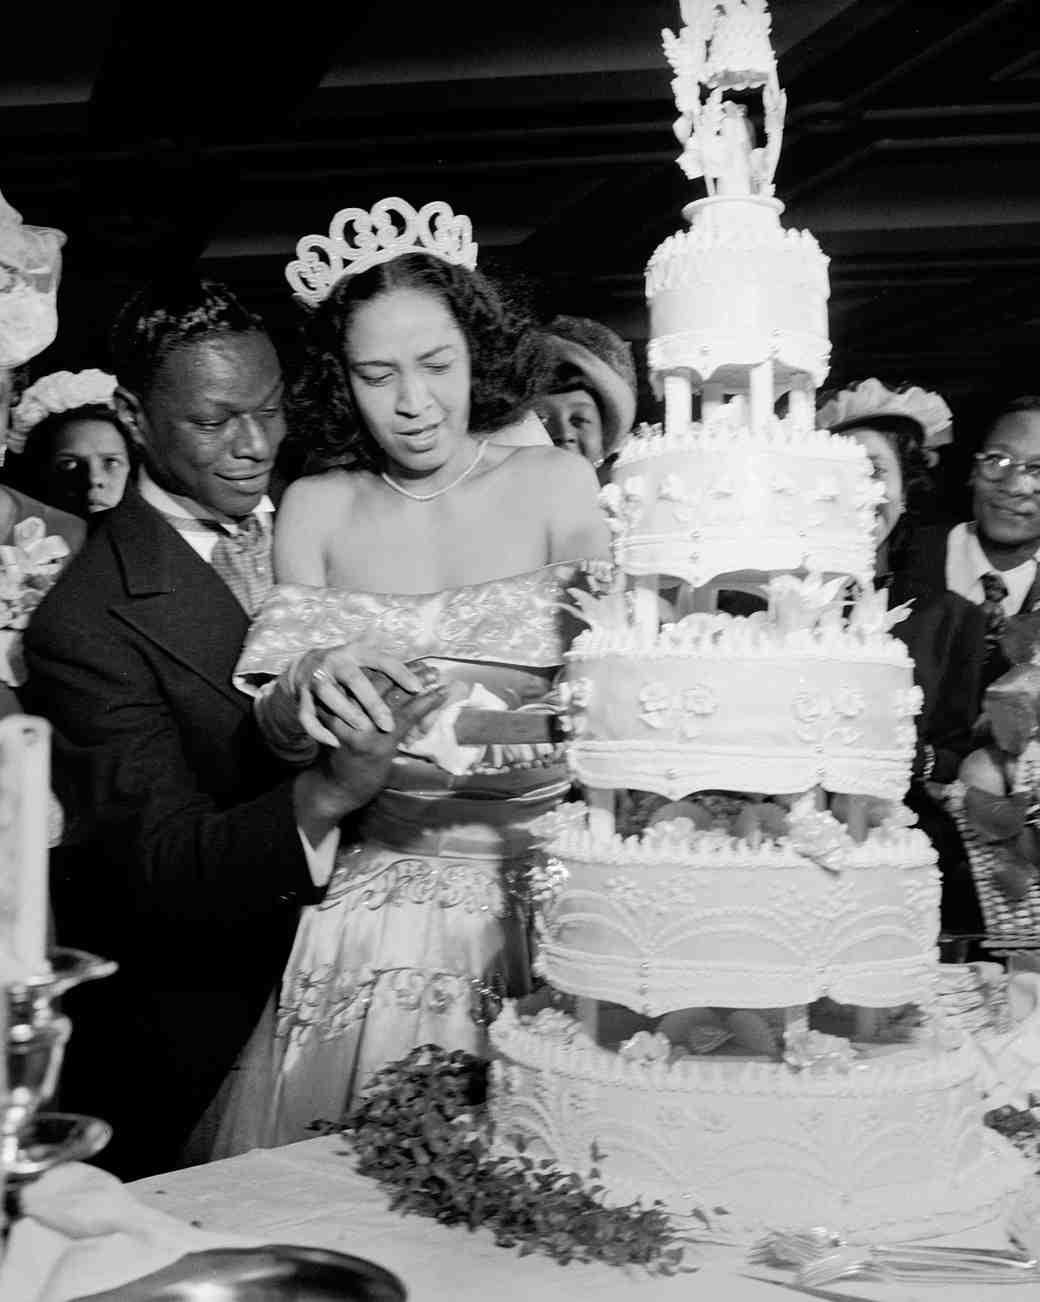 celebrity-vintage-wedding-cakes-nate-king-cole-50989998-1015.jpg